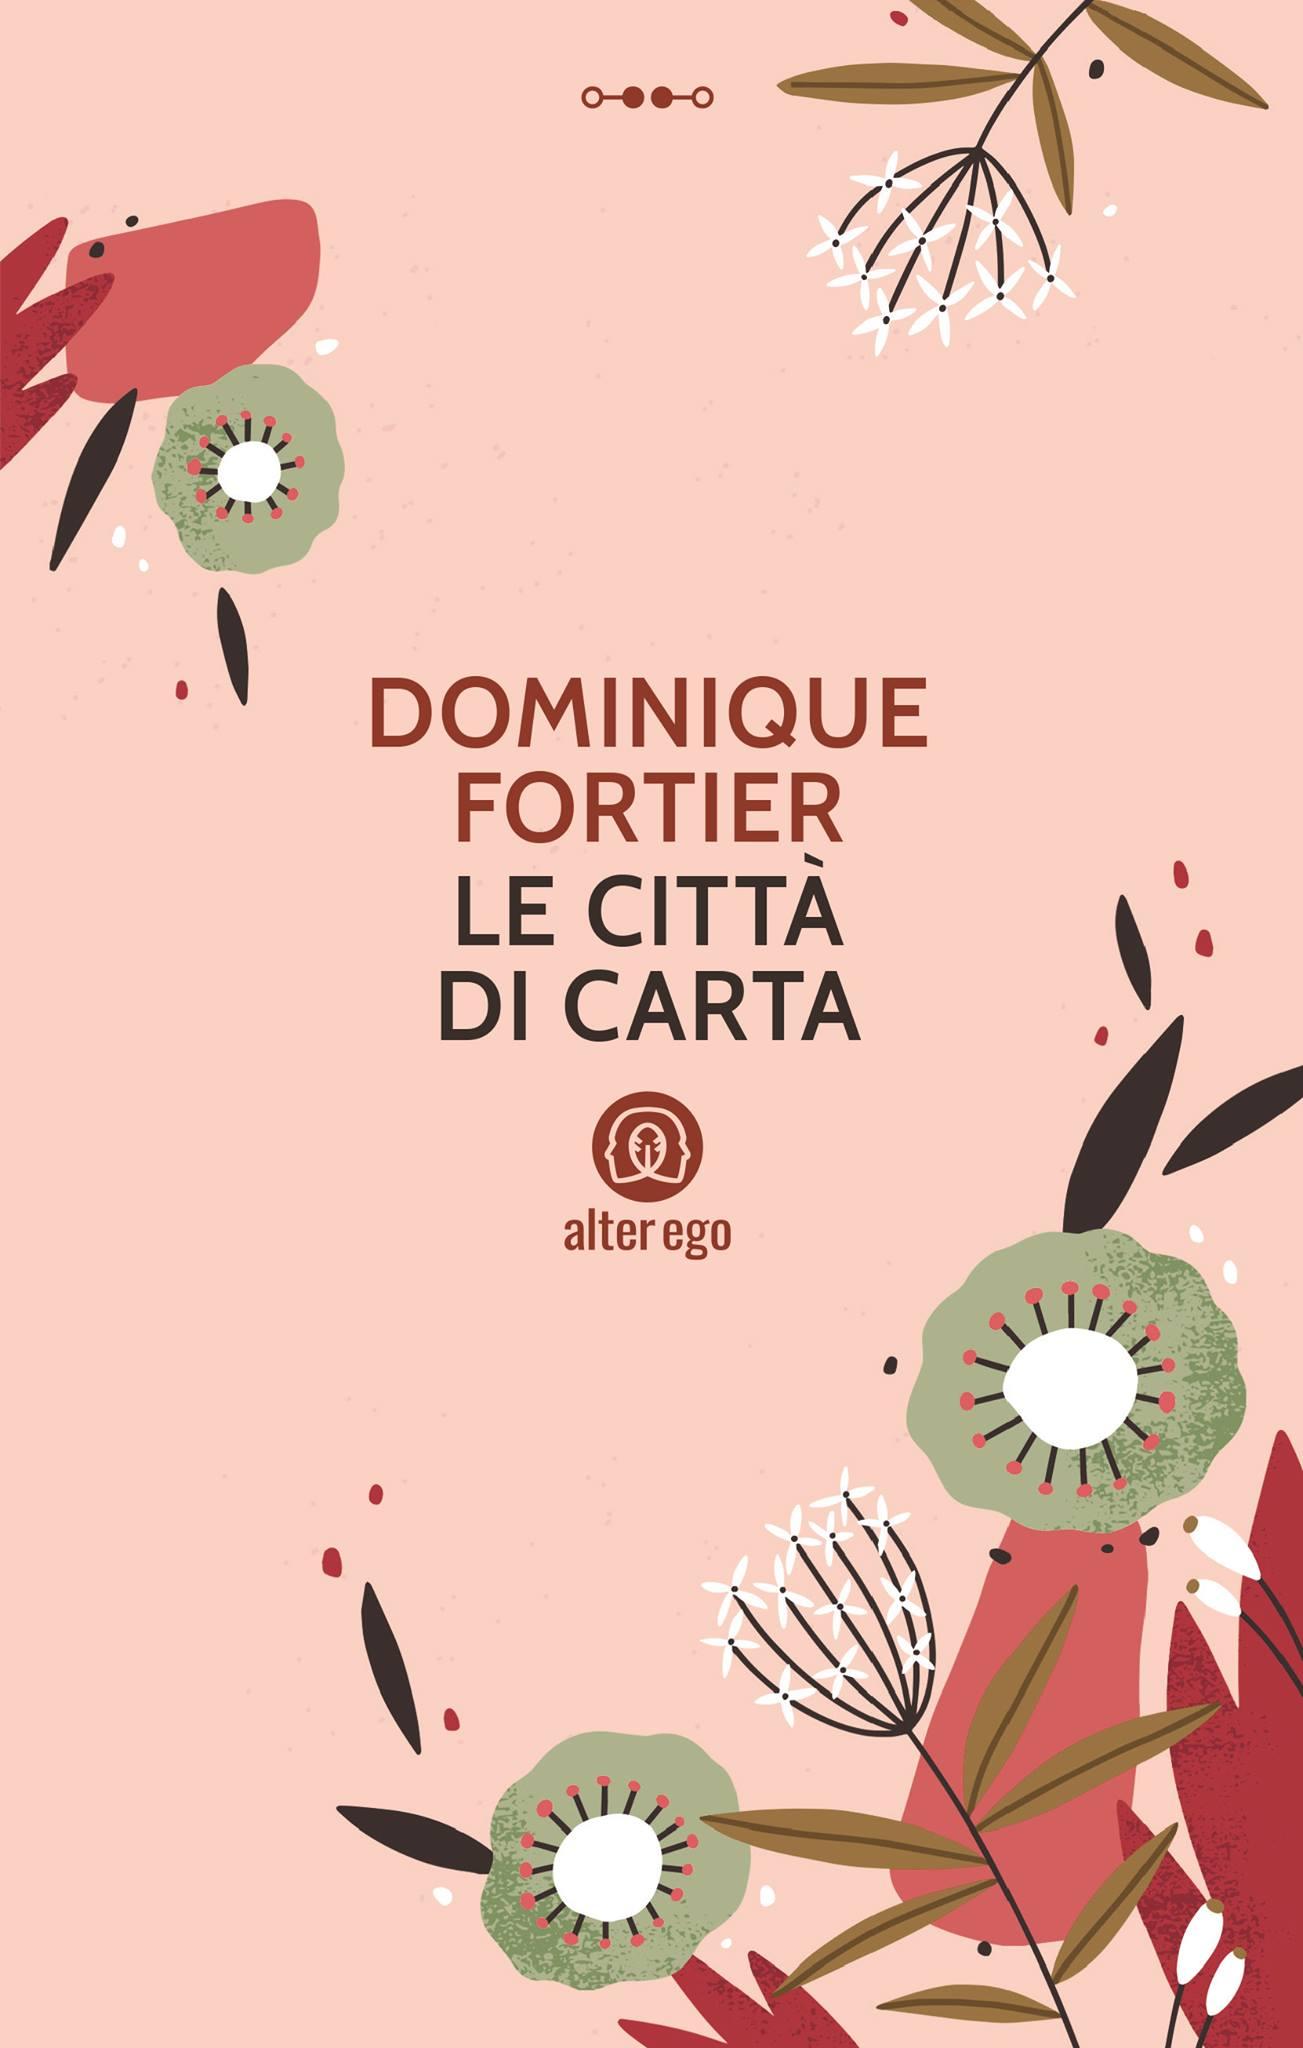 Le città di carta di Dominique Fortier